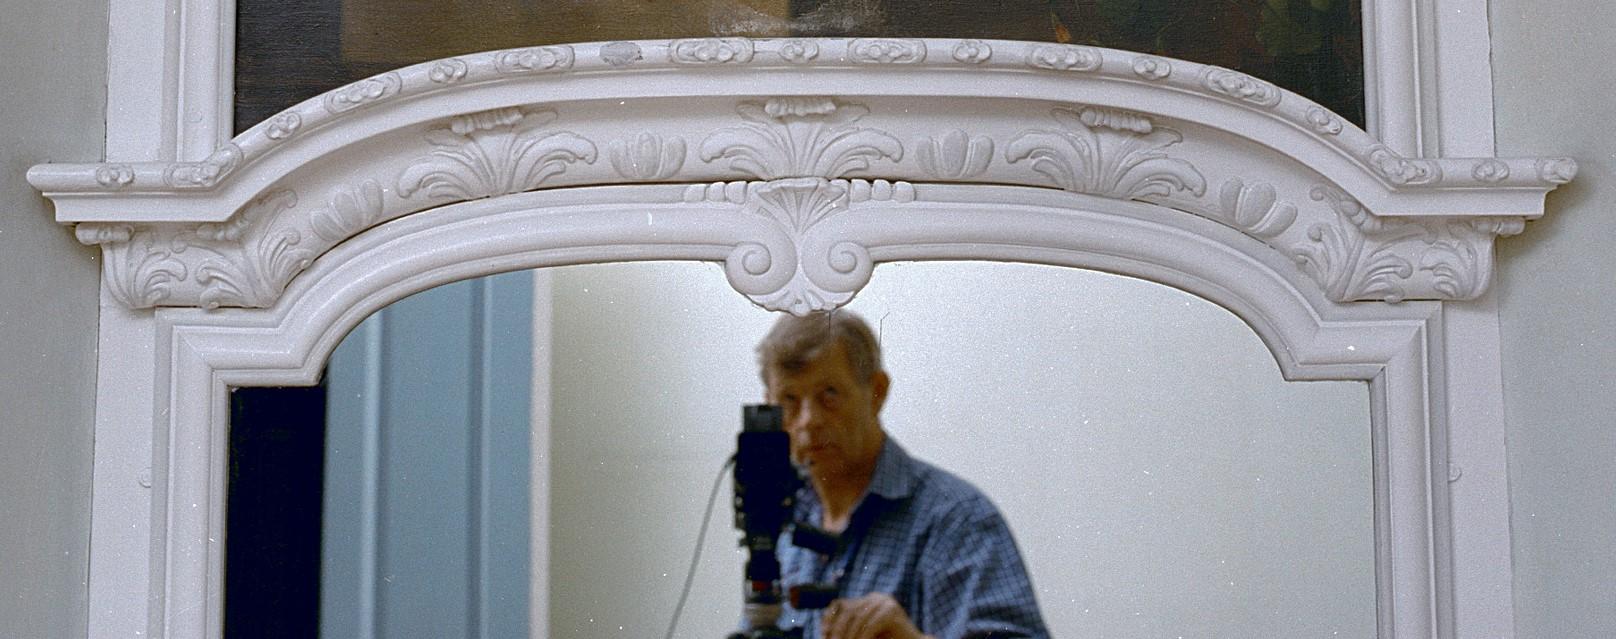 File:Gerard Dukker 1999.jpg